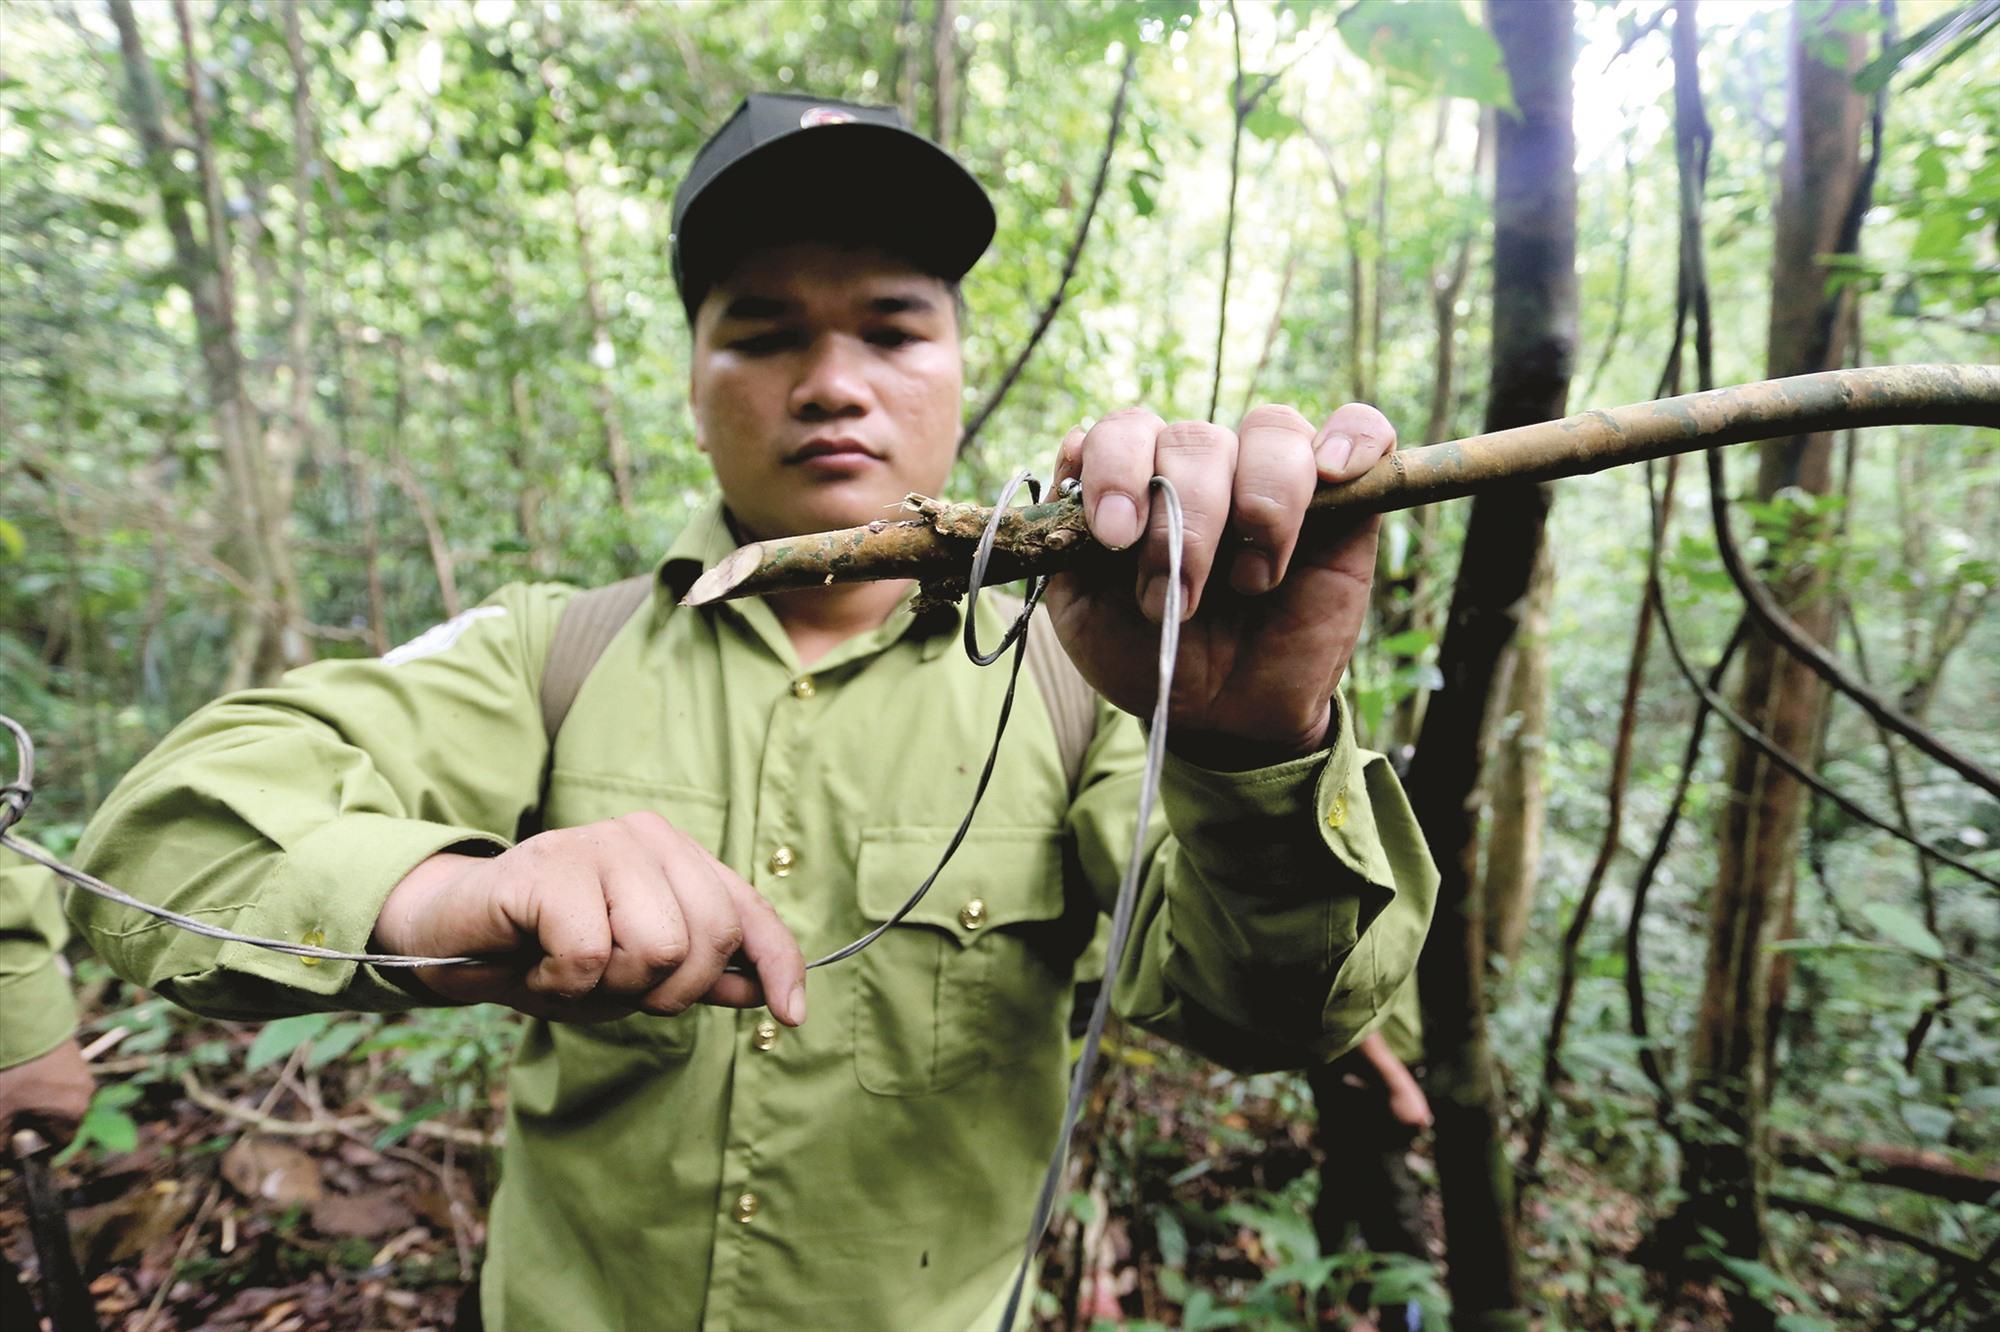 """Anh A Ting Lập gỡ chiếc bẫy thú để tịch thu, cho biết: """"Trước đây, thợ săn dùng cây, lá rừng làm một hàng rào trong rừng để đặt cả ngàn cái bẫy. Cách làm này dễ bị chúng tôi phát hiện. Sau đó thợ săn chuyển qua đặt bẫy tinh vi hơn. Họ đi tìm những đường đi của thú đặt bẫy rải rác và ngụy trang rất khó phát hiện""""."""